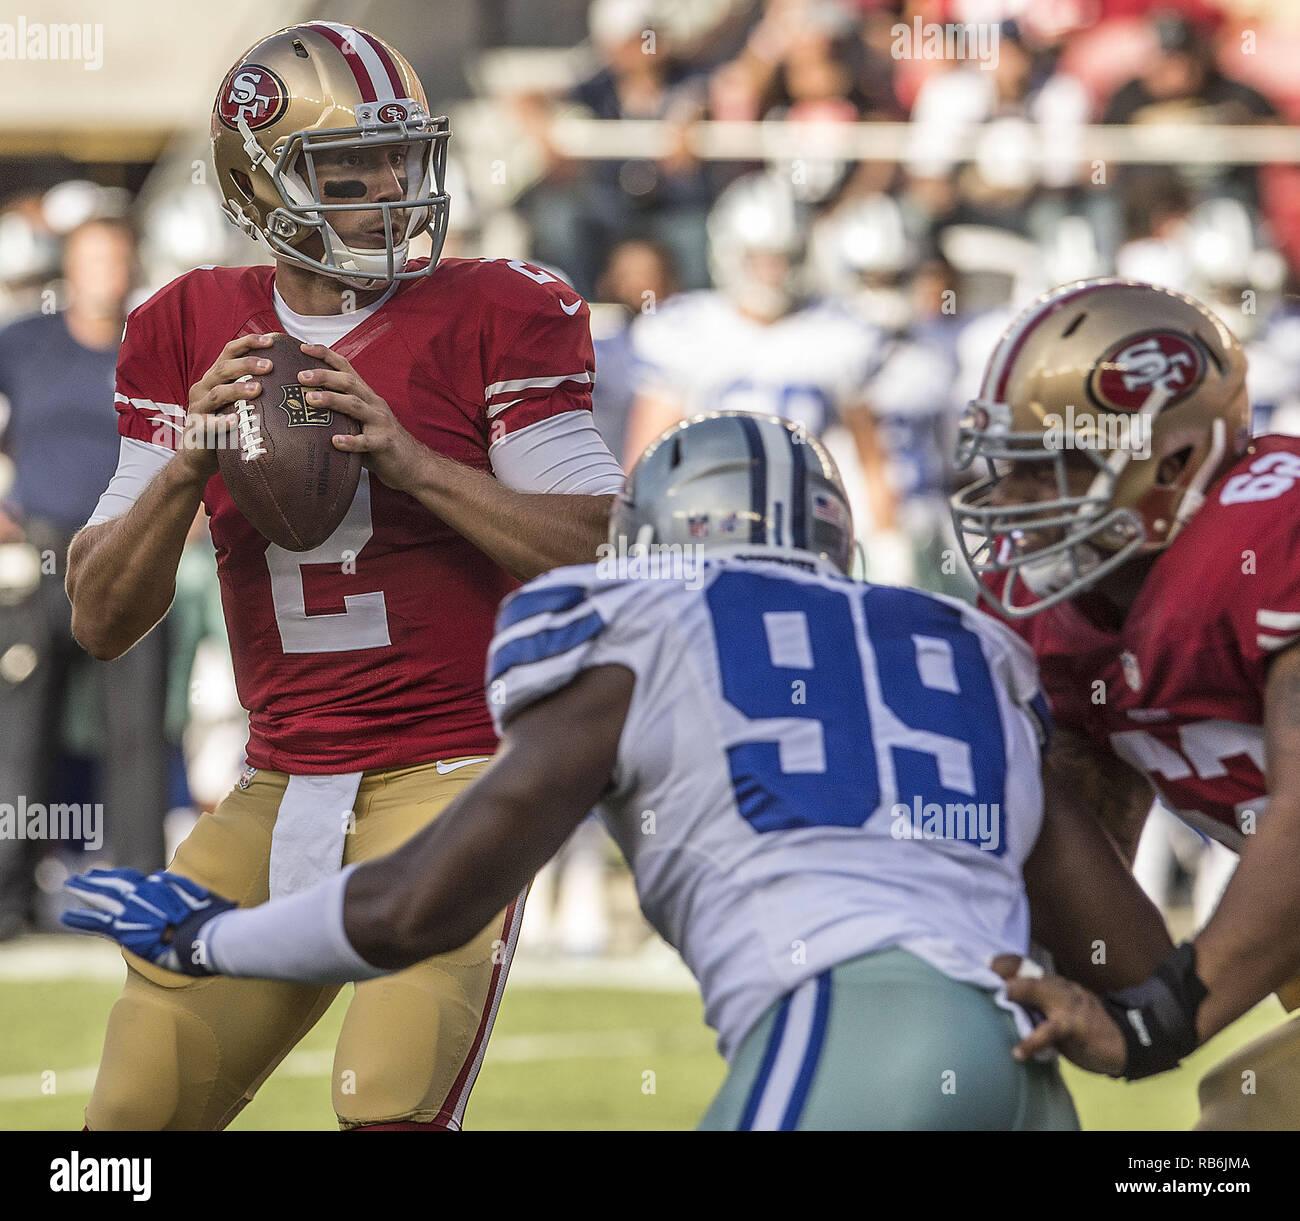 Dallas Cowboys Defensive End Ryan Stock Photos   Dallas Cowboys ... 7c229265b